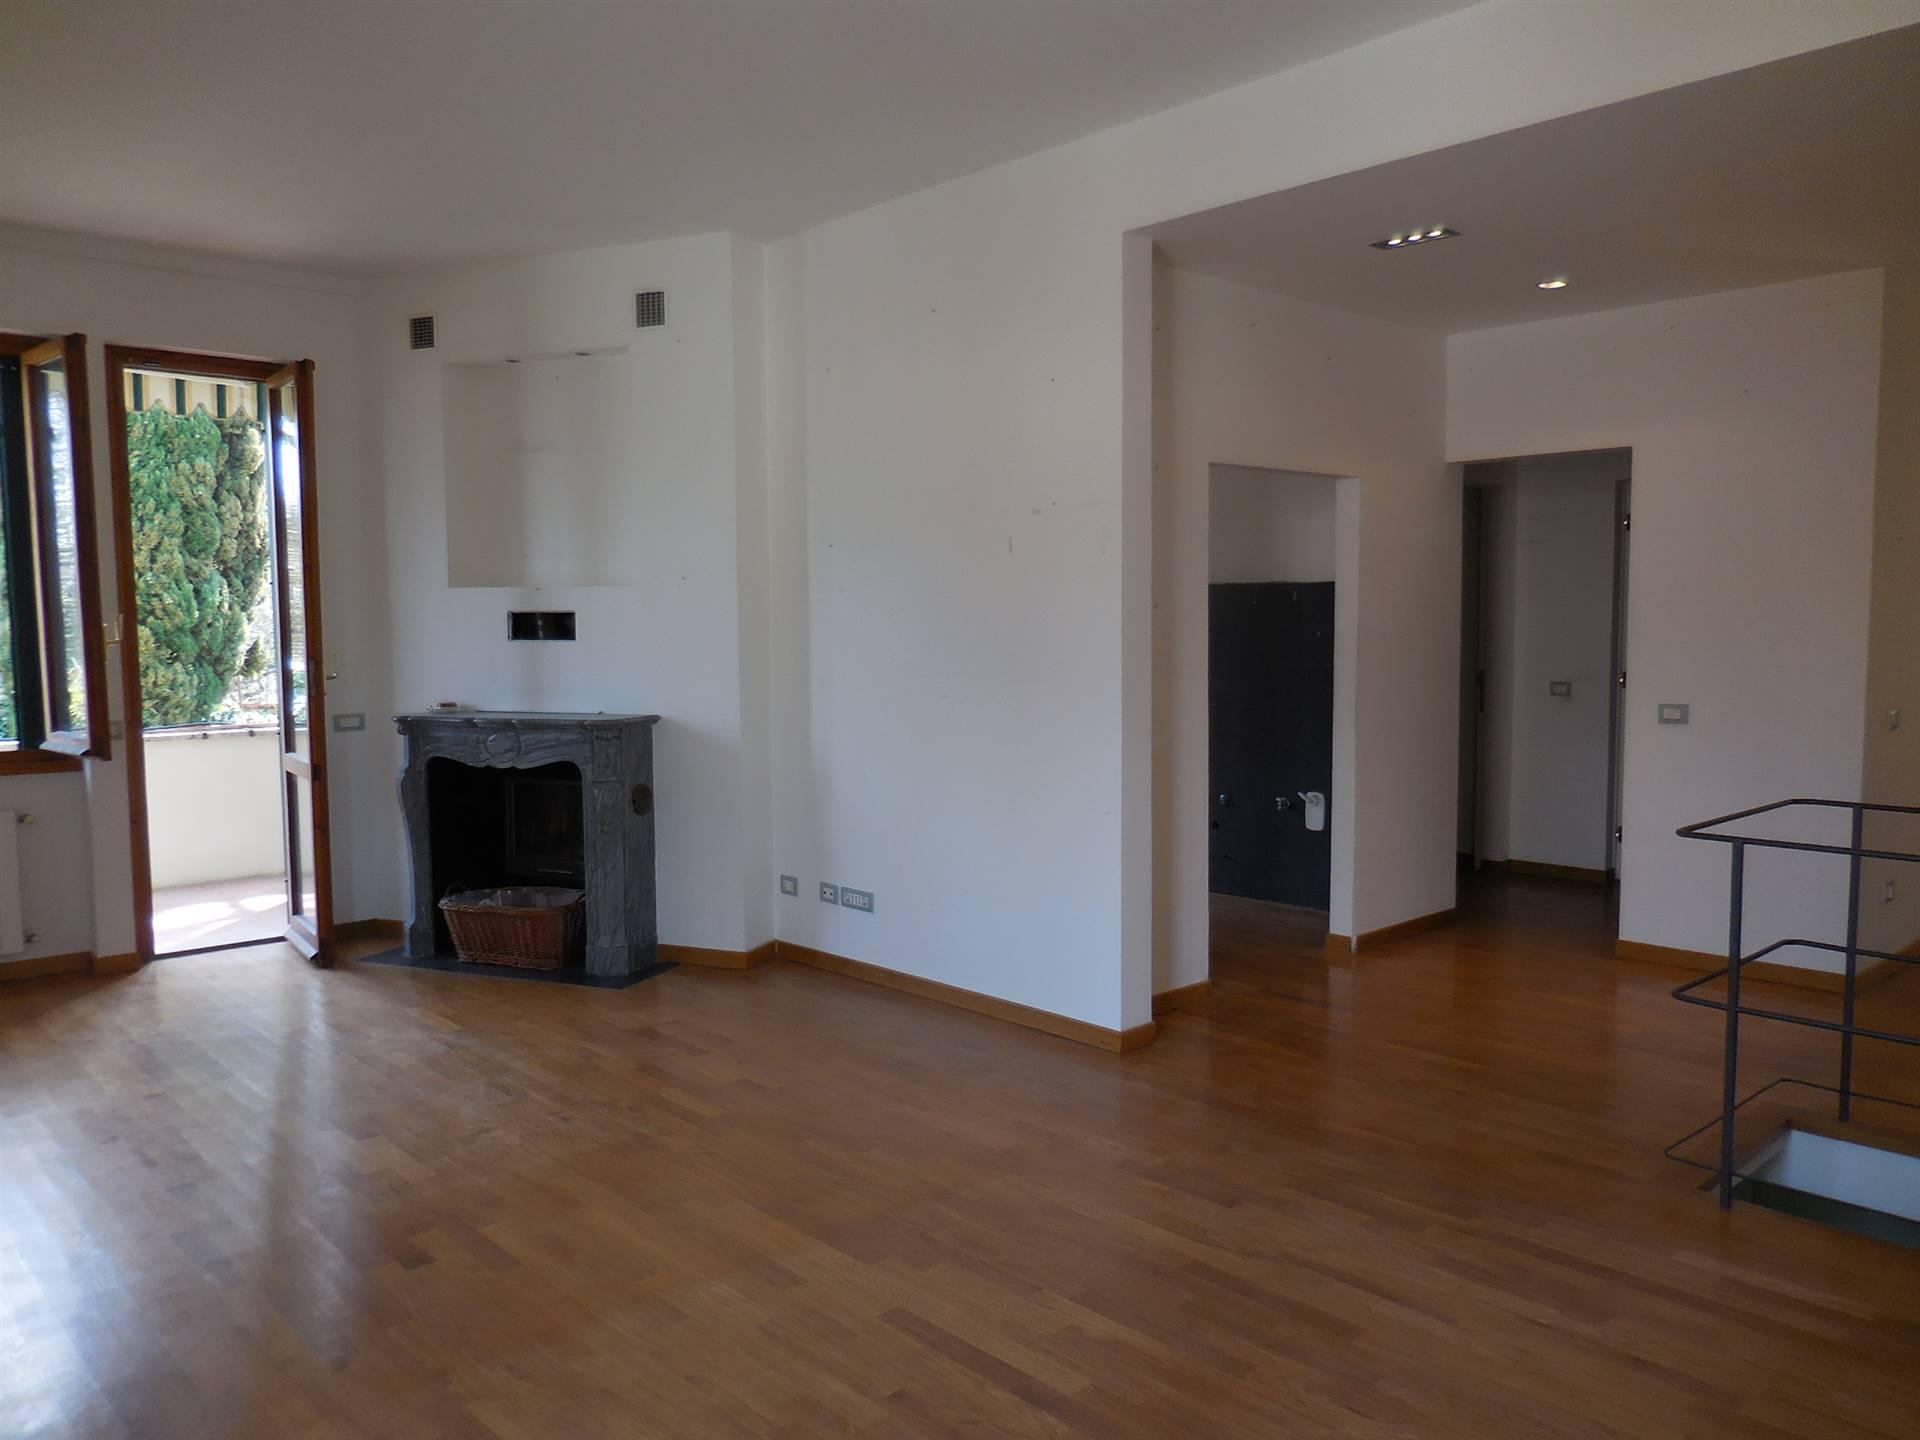 Appartamento in vendita a Fiesole, 6 locali, zona Località: MONTEBENI, prezzo € 600.000 | PortaleAgenzieImmobiliari.it